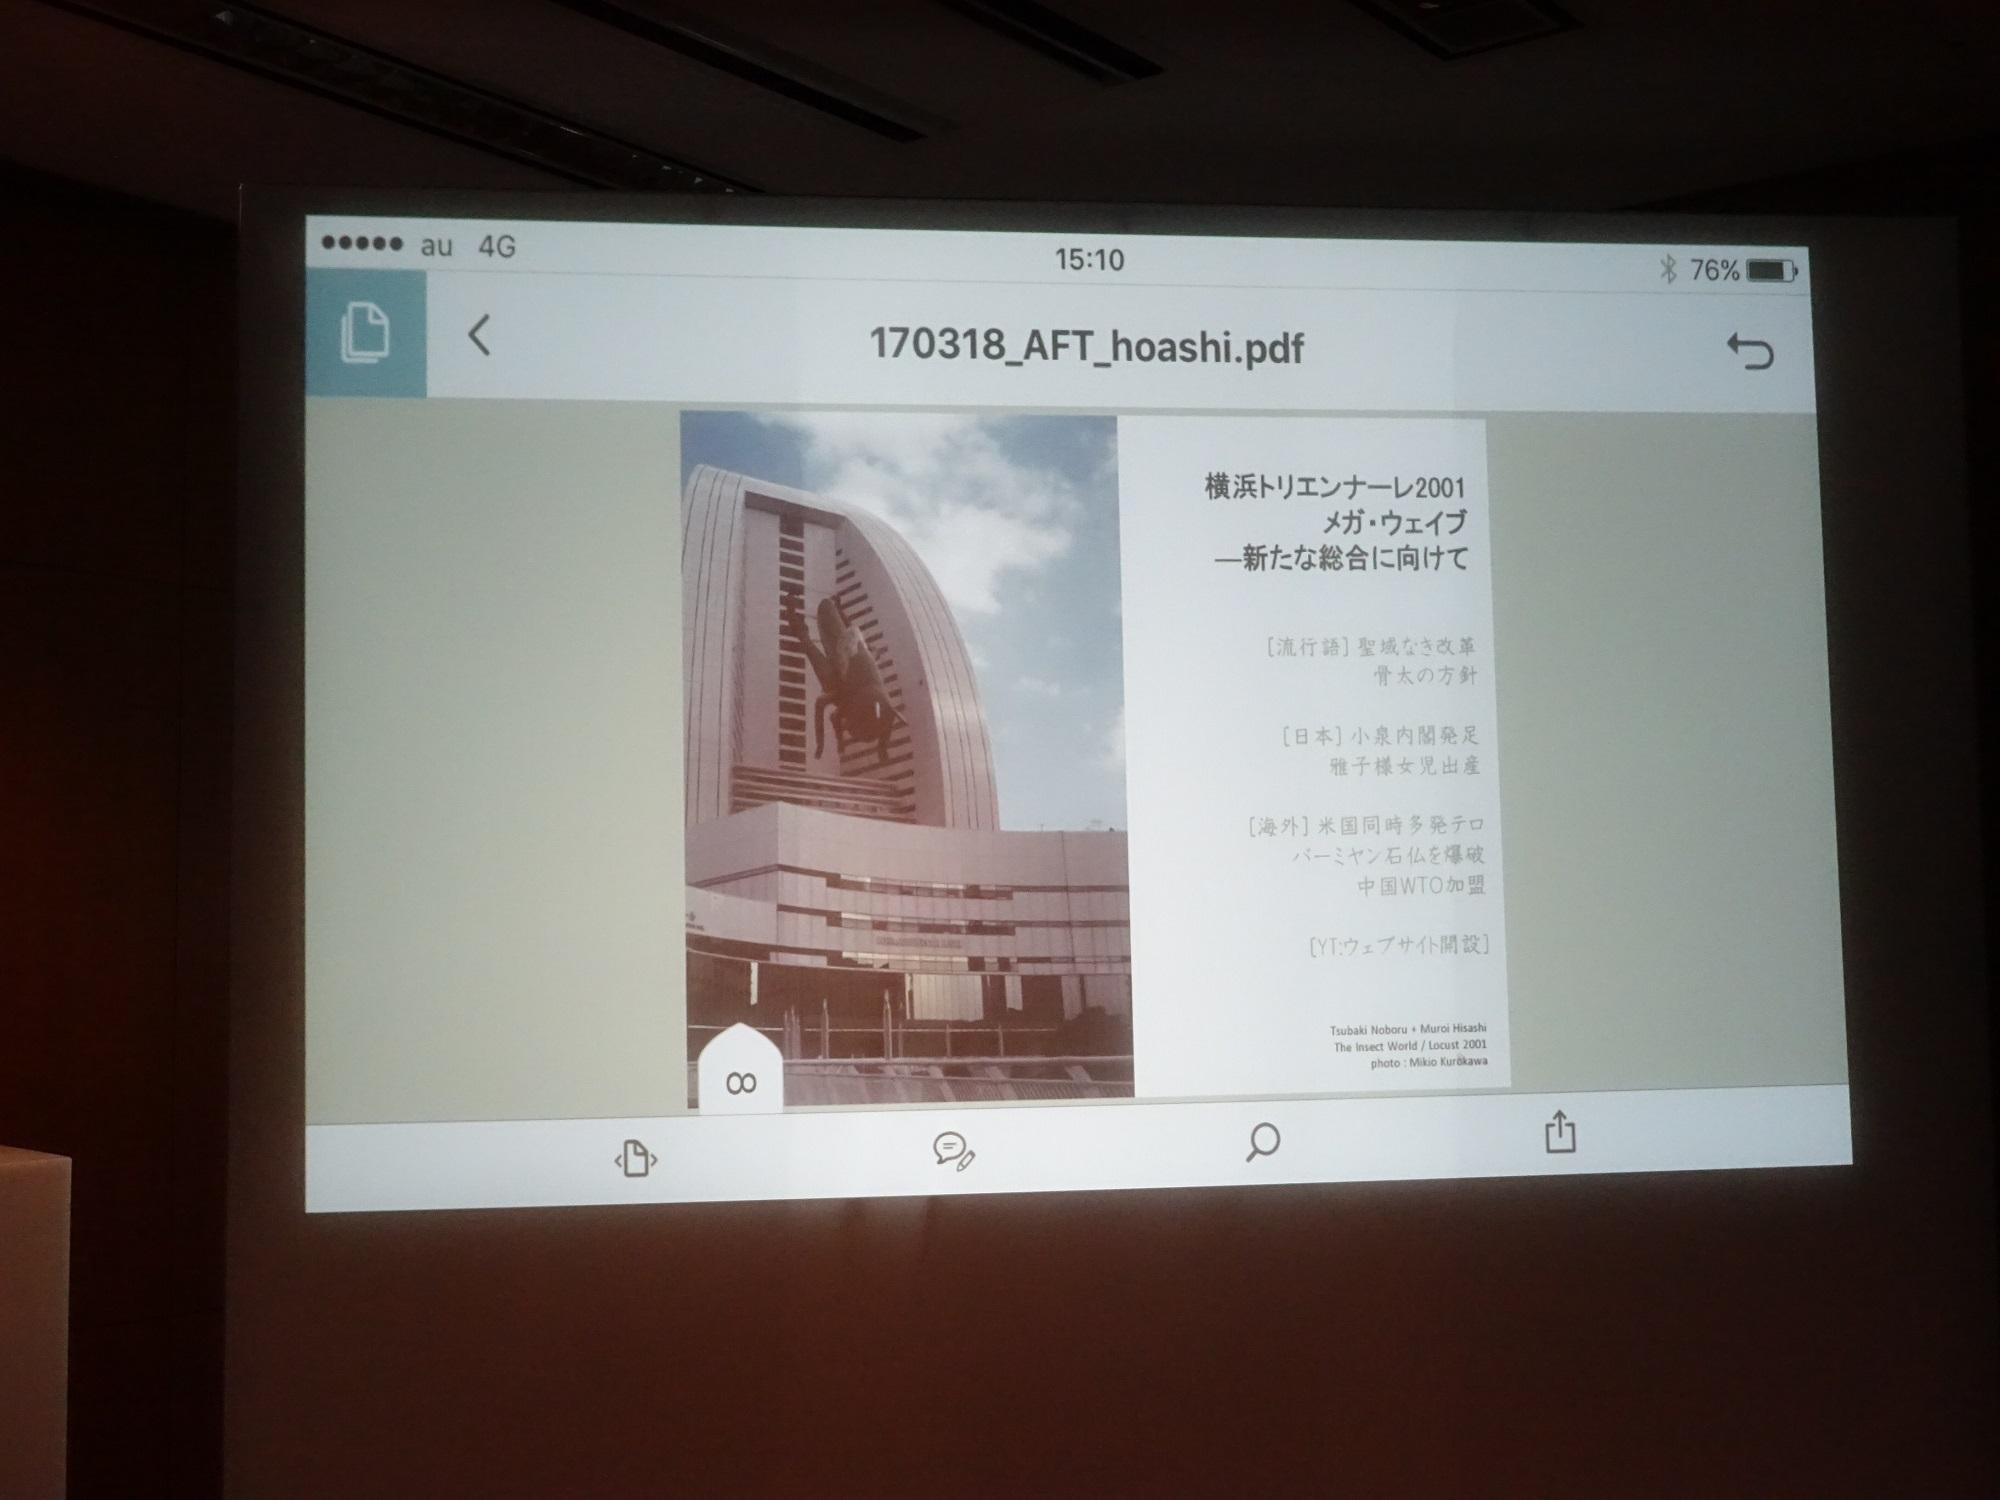 『横浜トリエンナーレ2001』での展示風景(椿昇+室井尚「インセクト・ワールド、飛蝗」)